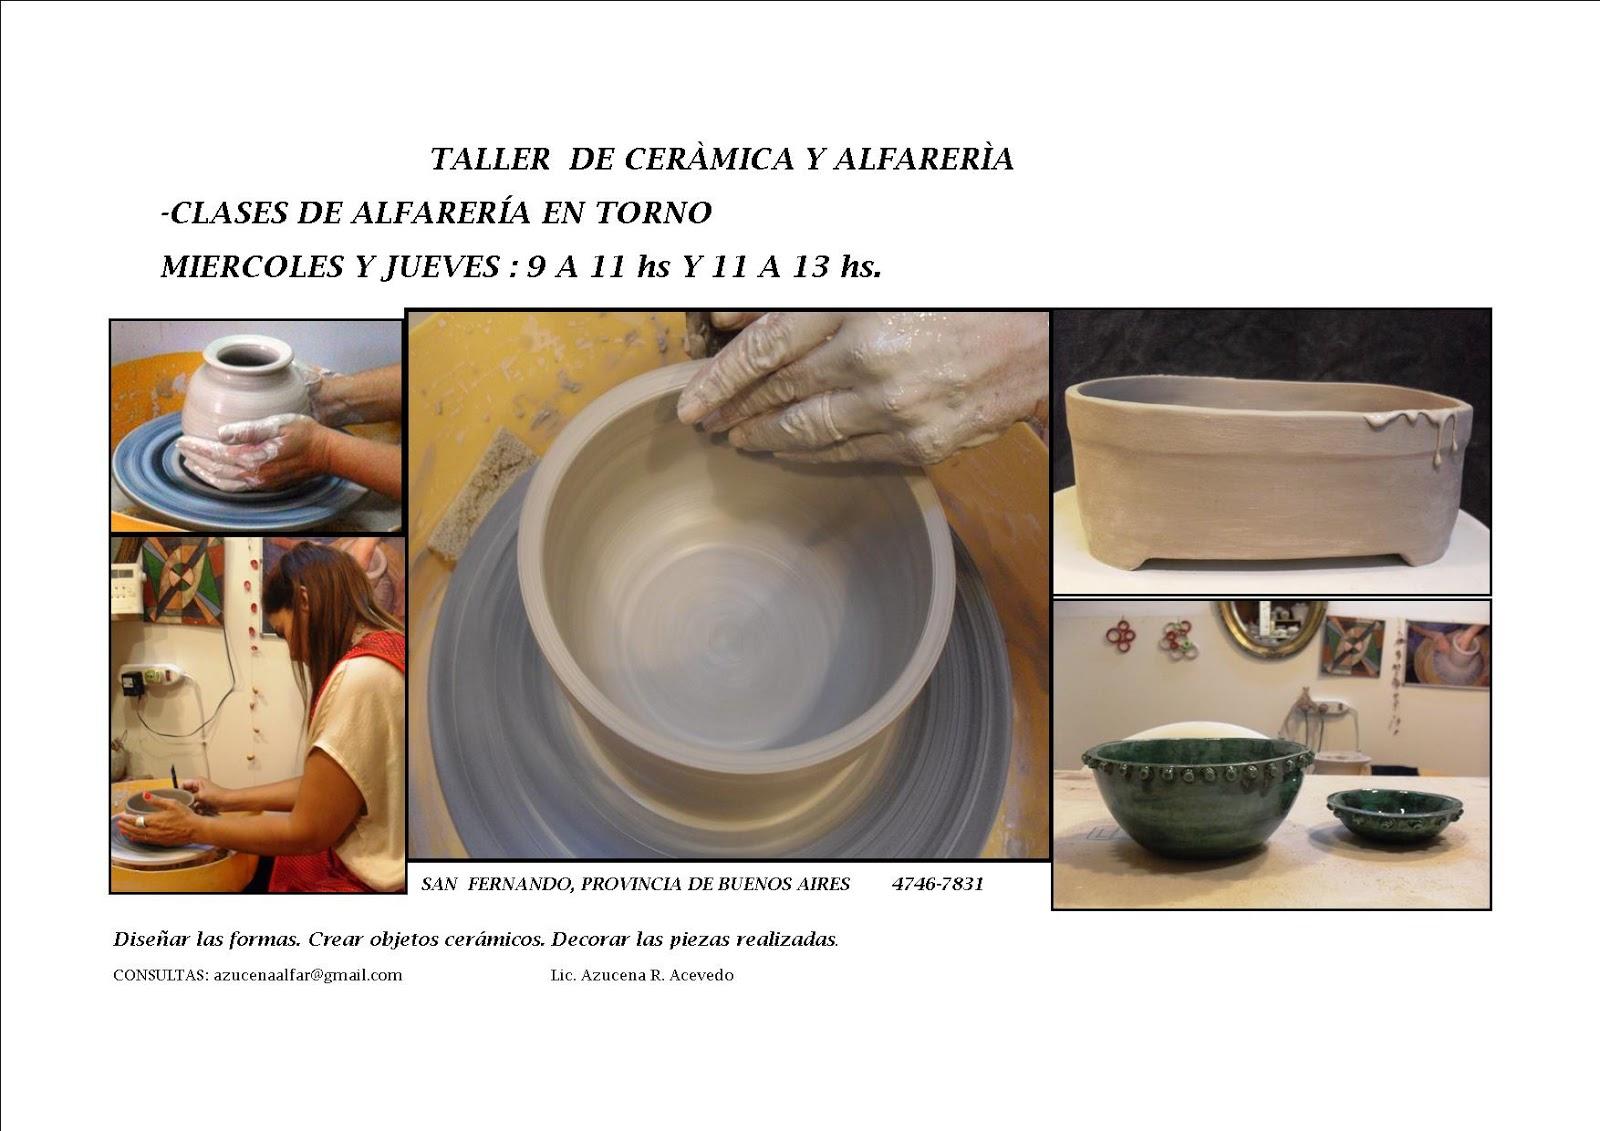 Ceramica azucena acevedo clases de cer mica y alfarer a for Ceramica buenos aires